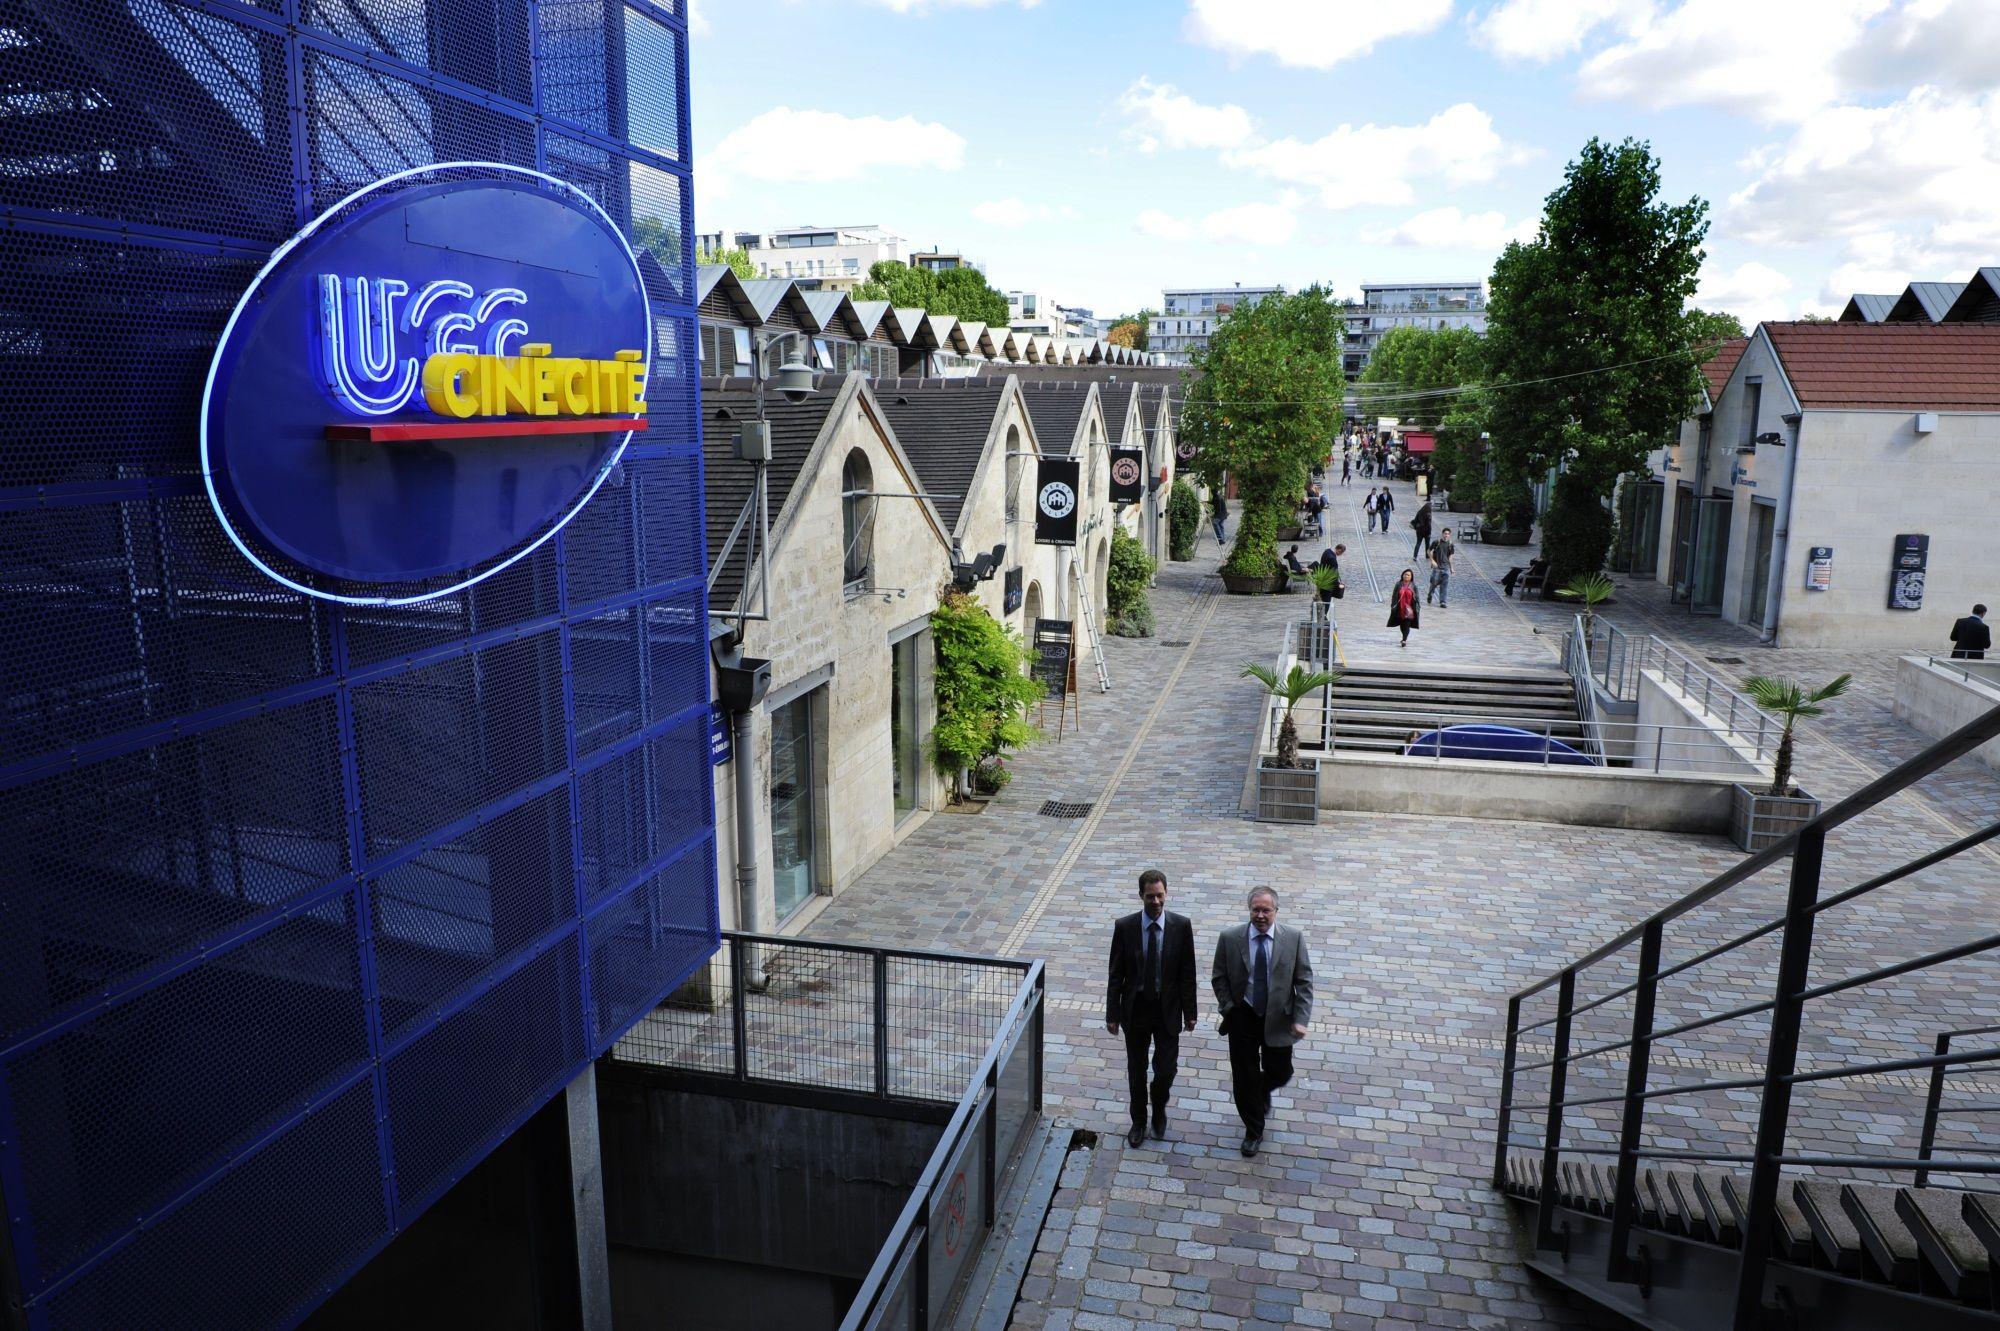 Cinéma Ugc Ciné Bercy Cour Saint-Emilion @Bercy Village Paris